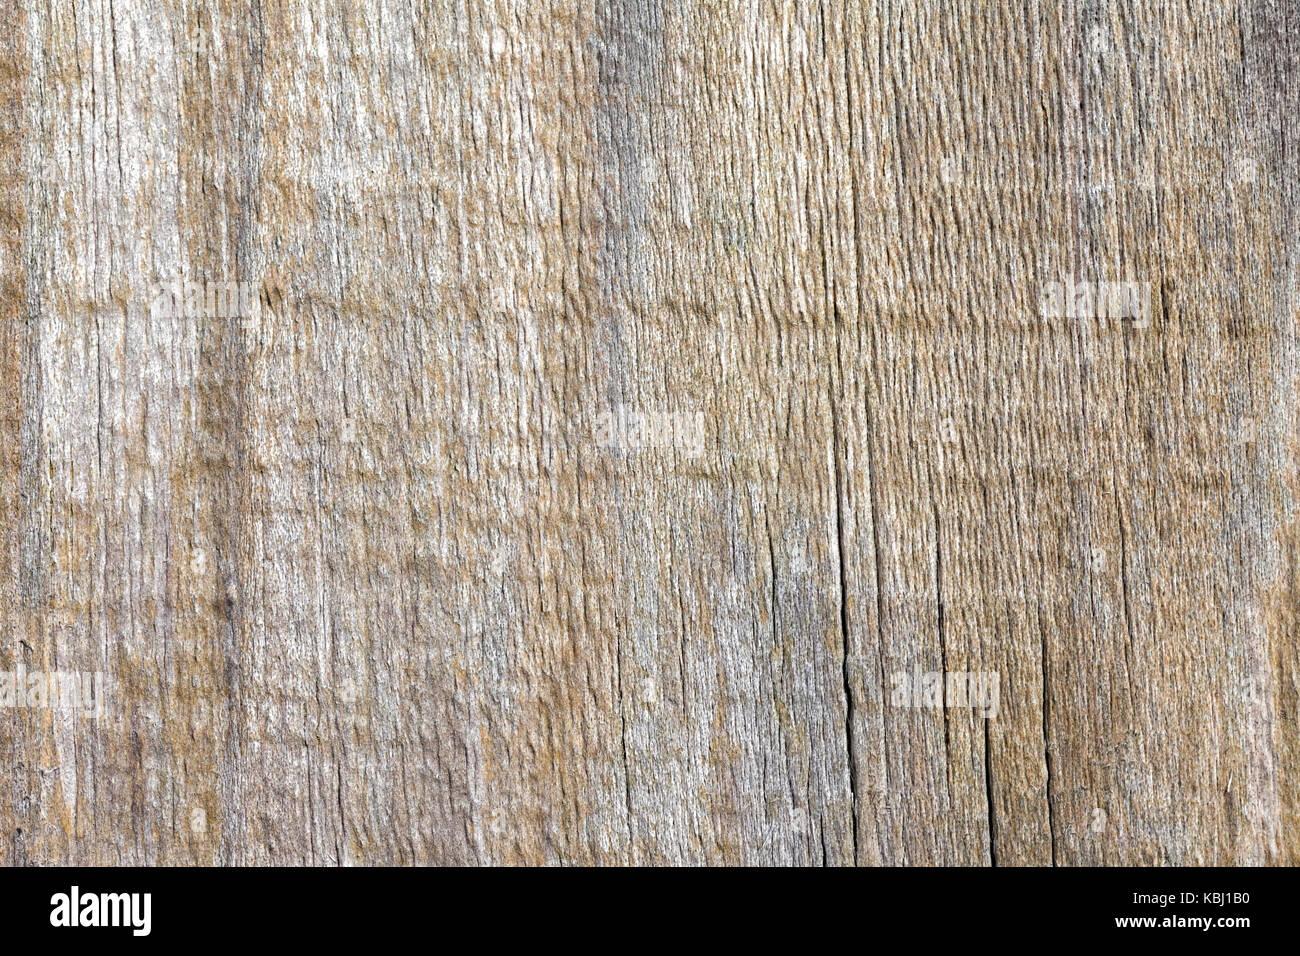 Textura de madera. - Stock Image